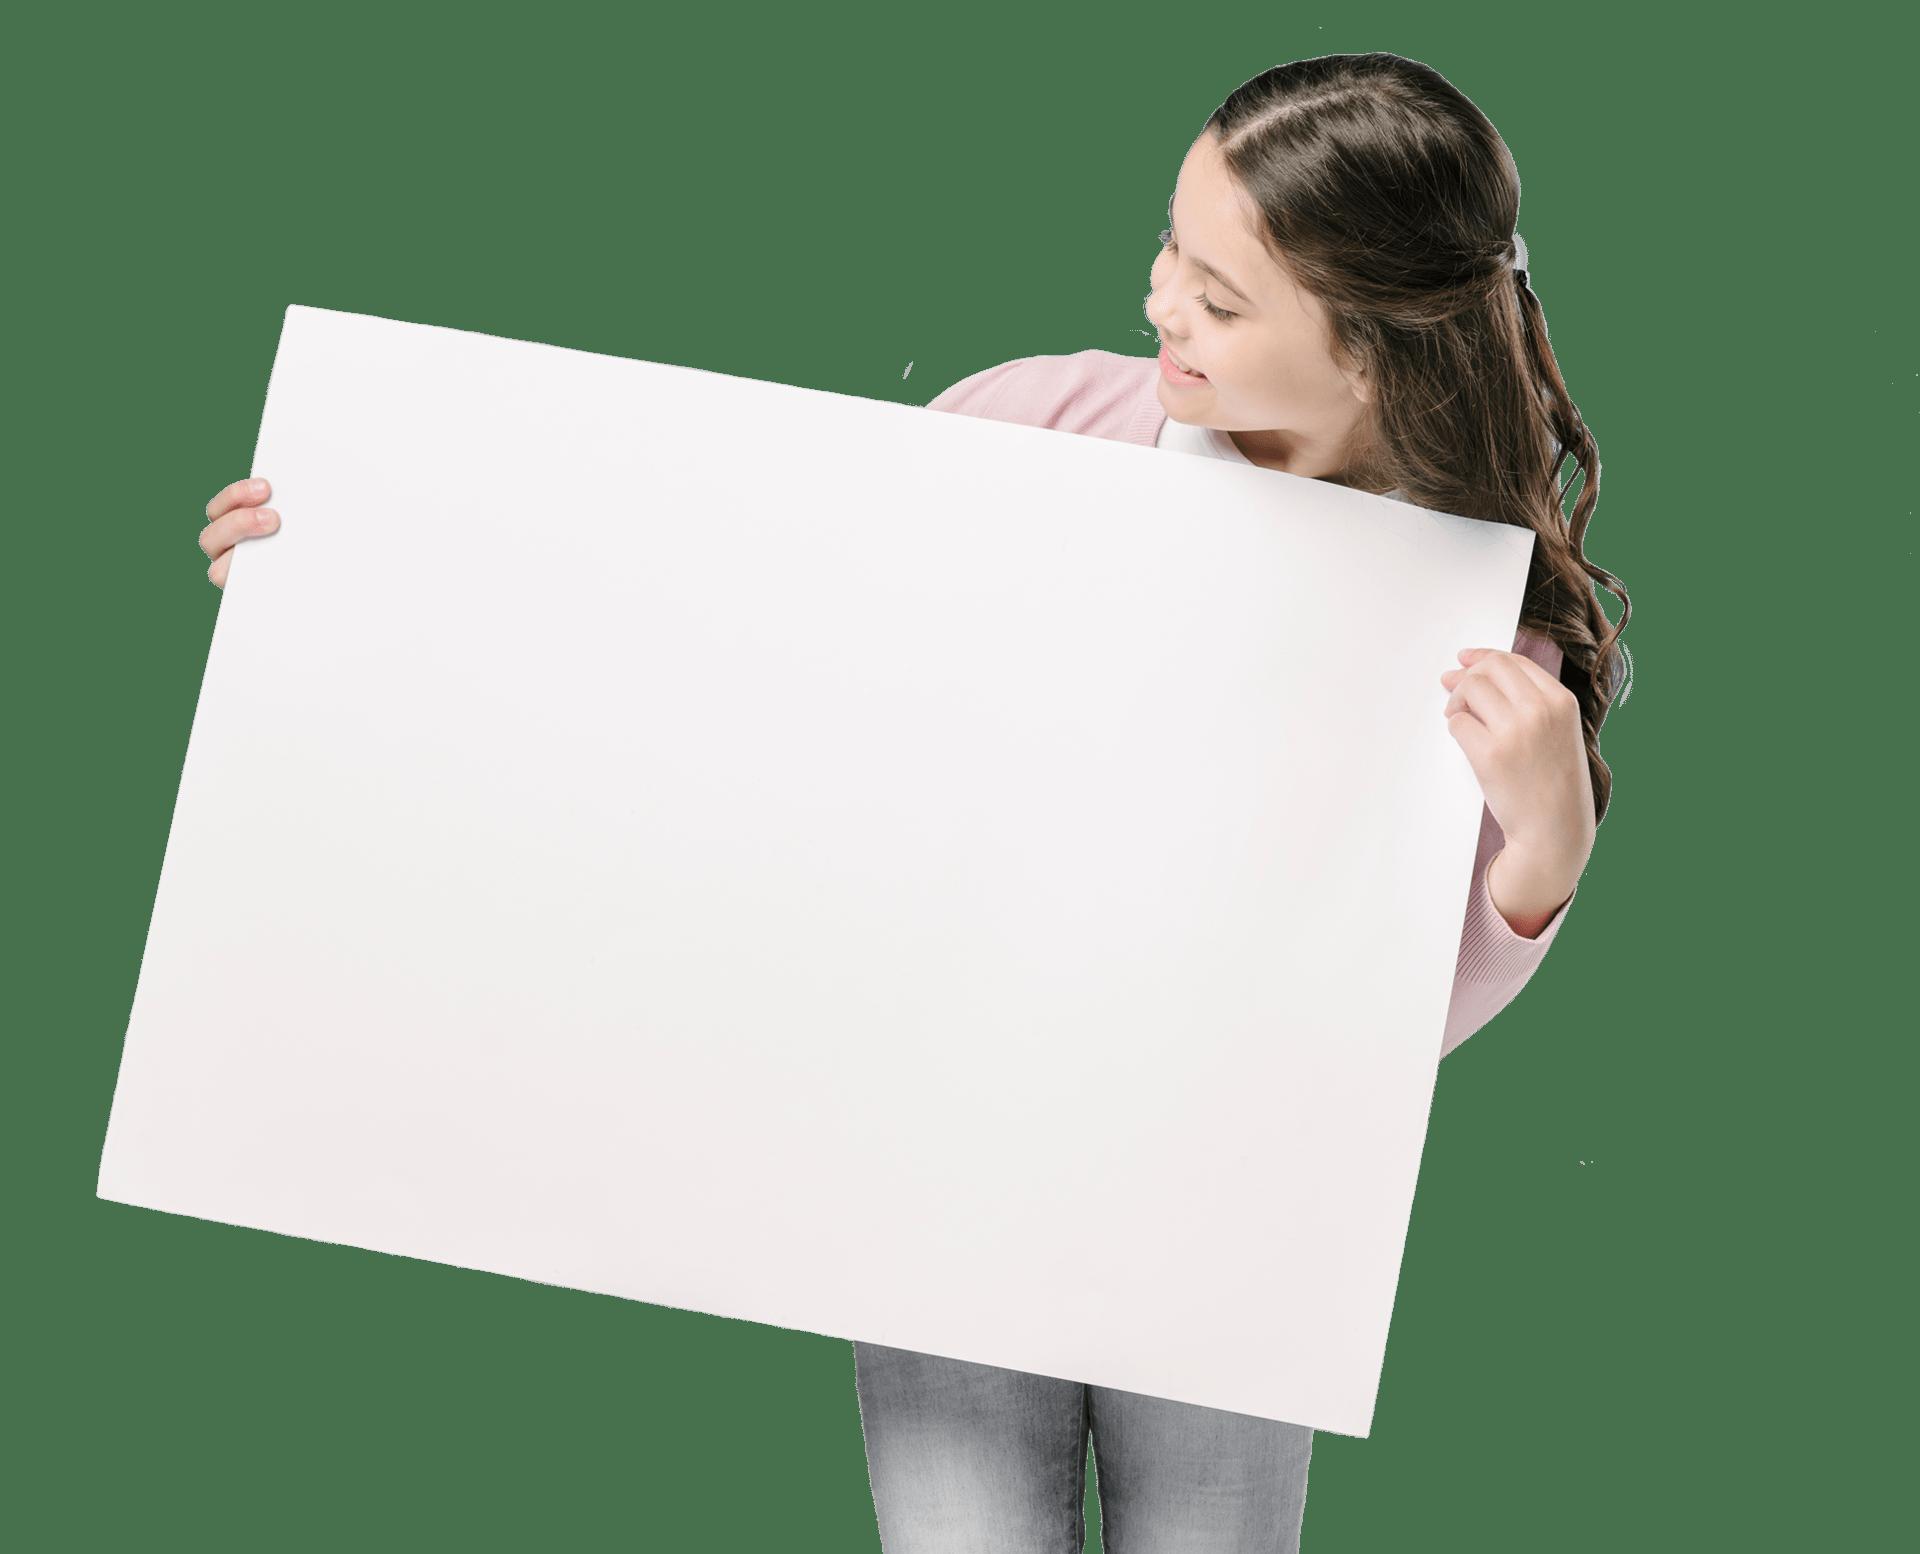 Mädchen mit Plakat